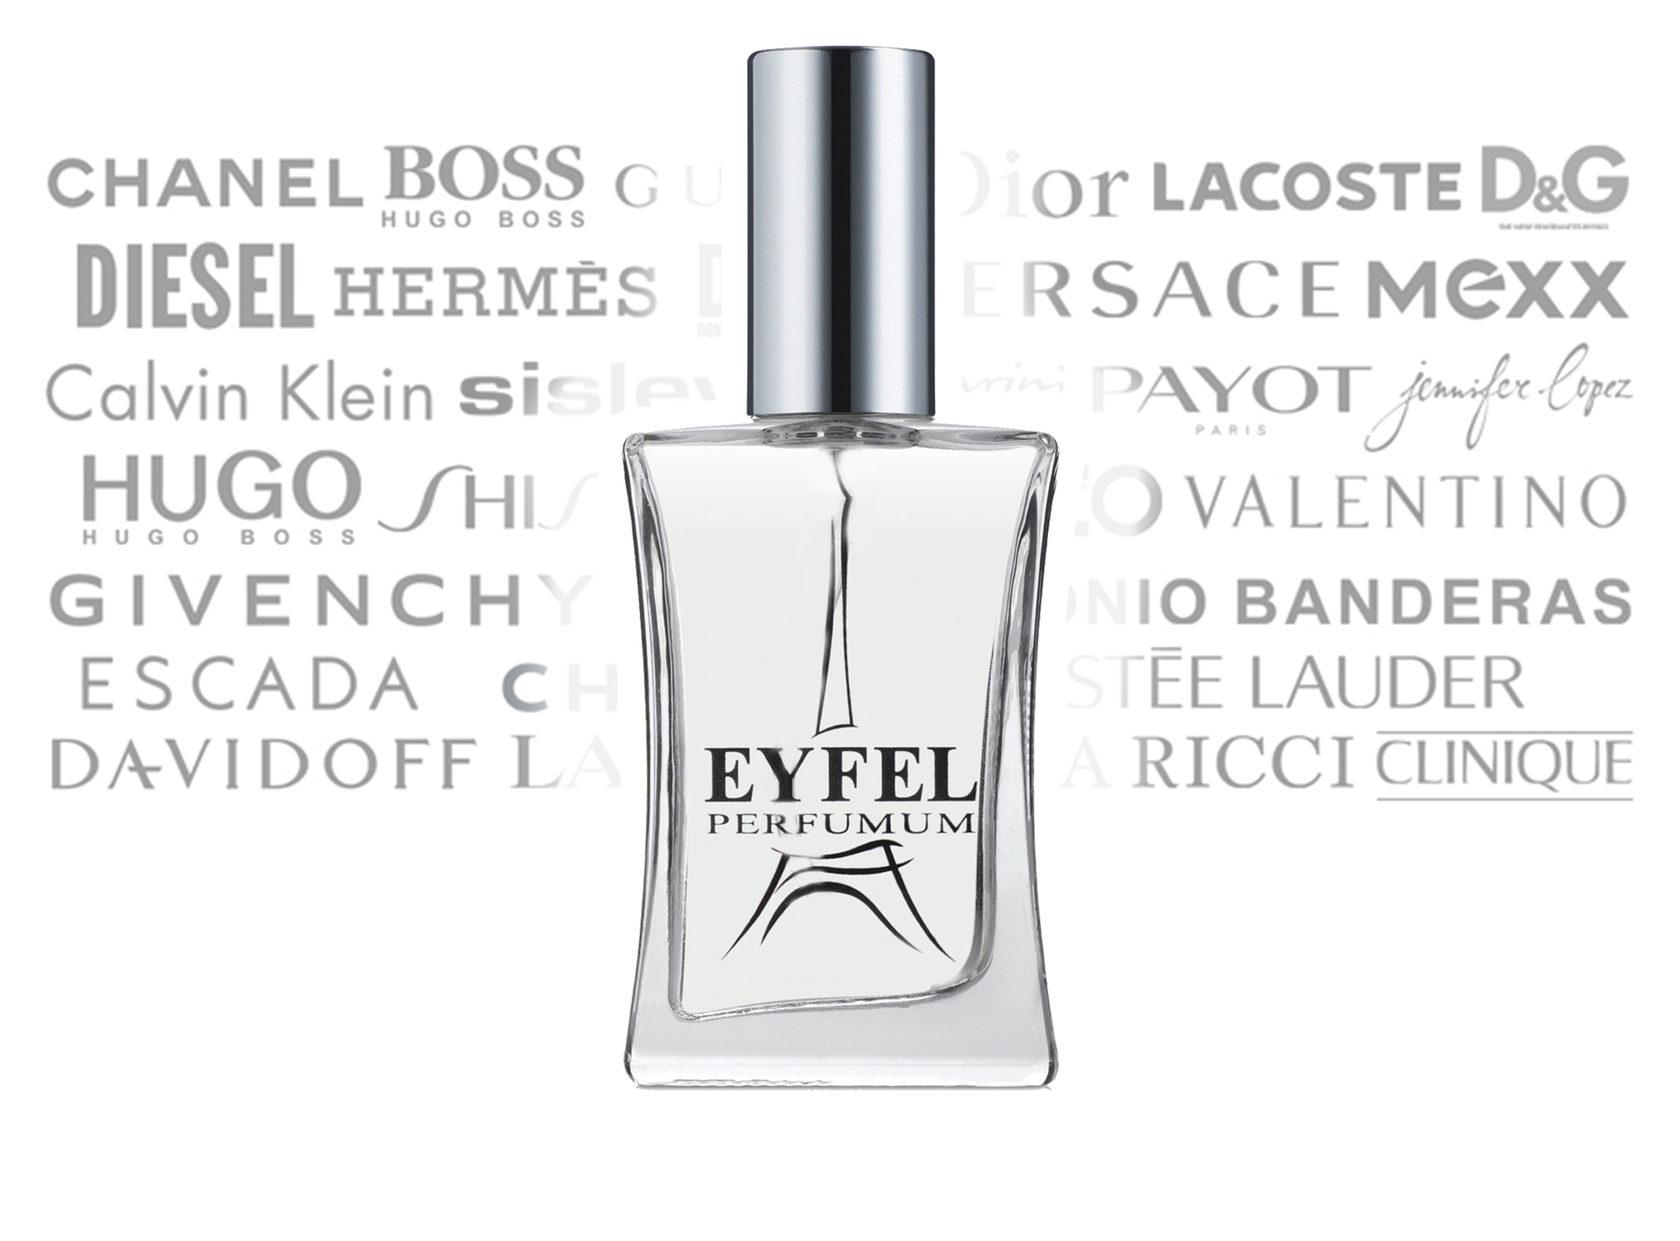 интернет магазин Eyfel Parfum россия официальный сайт